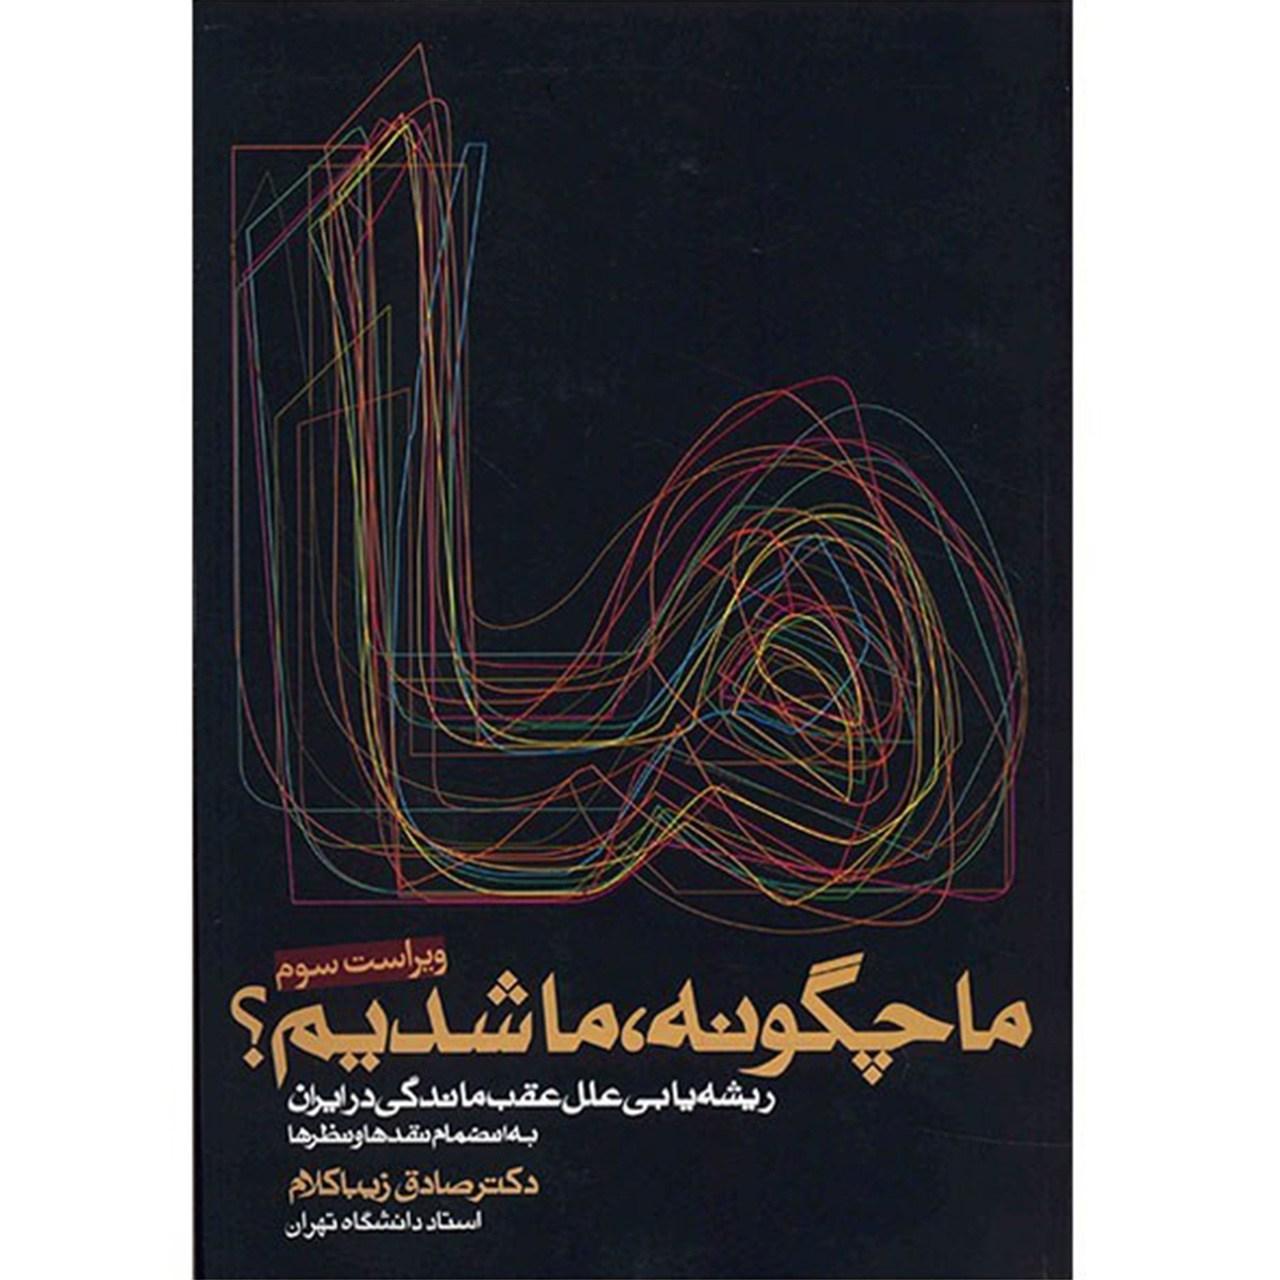 خرید                      کتاب ما چگونه ما شدیم؟ ریشه یابی عقب ماندگی در ایران اثر صادق زیباکلام